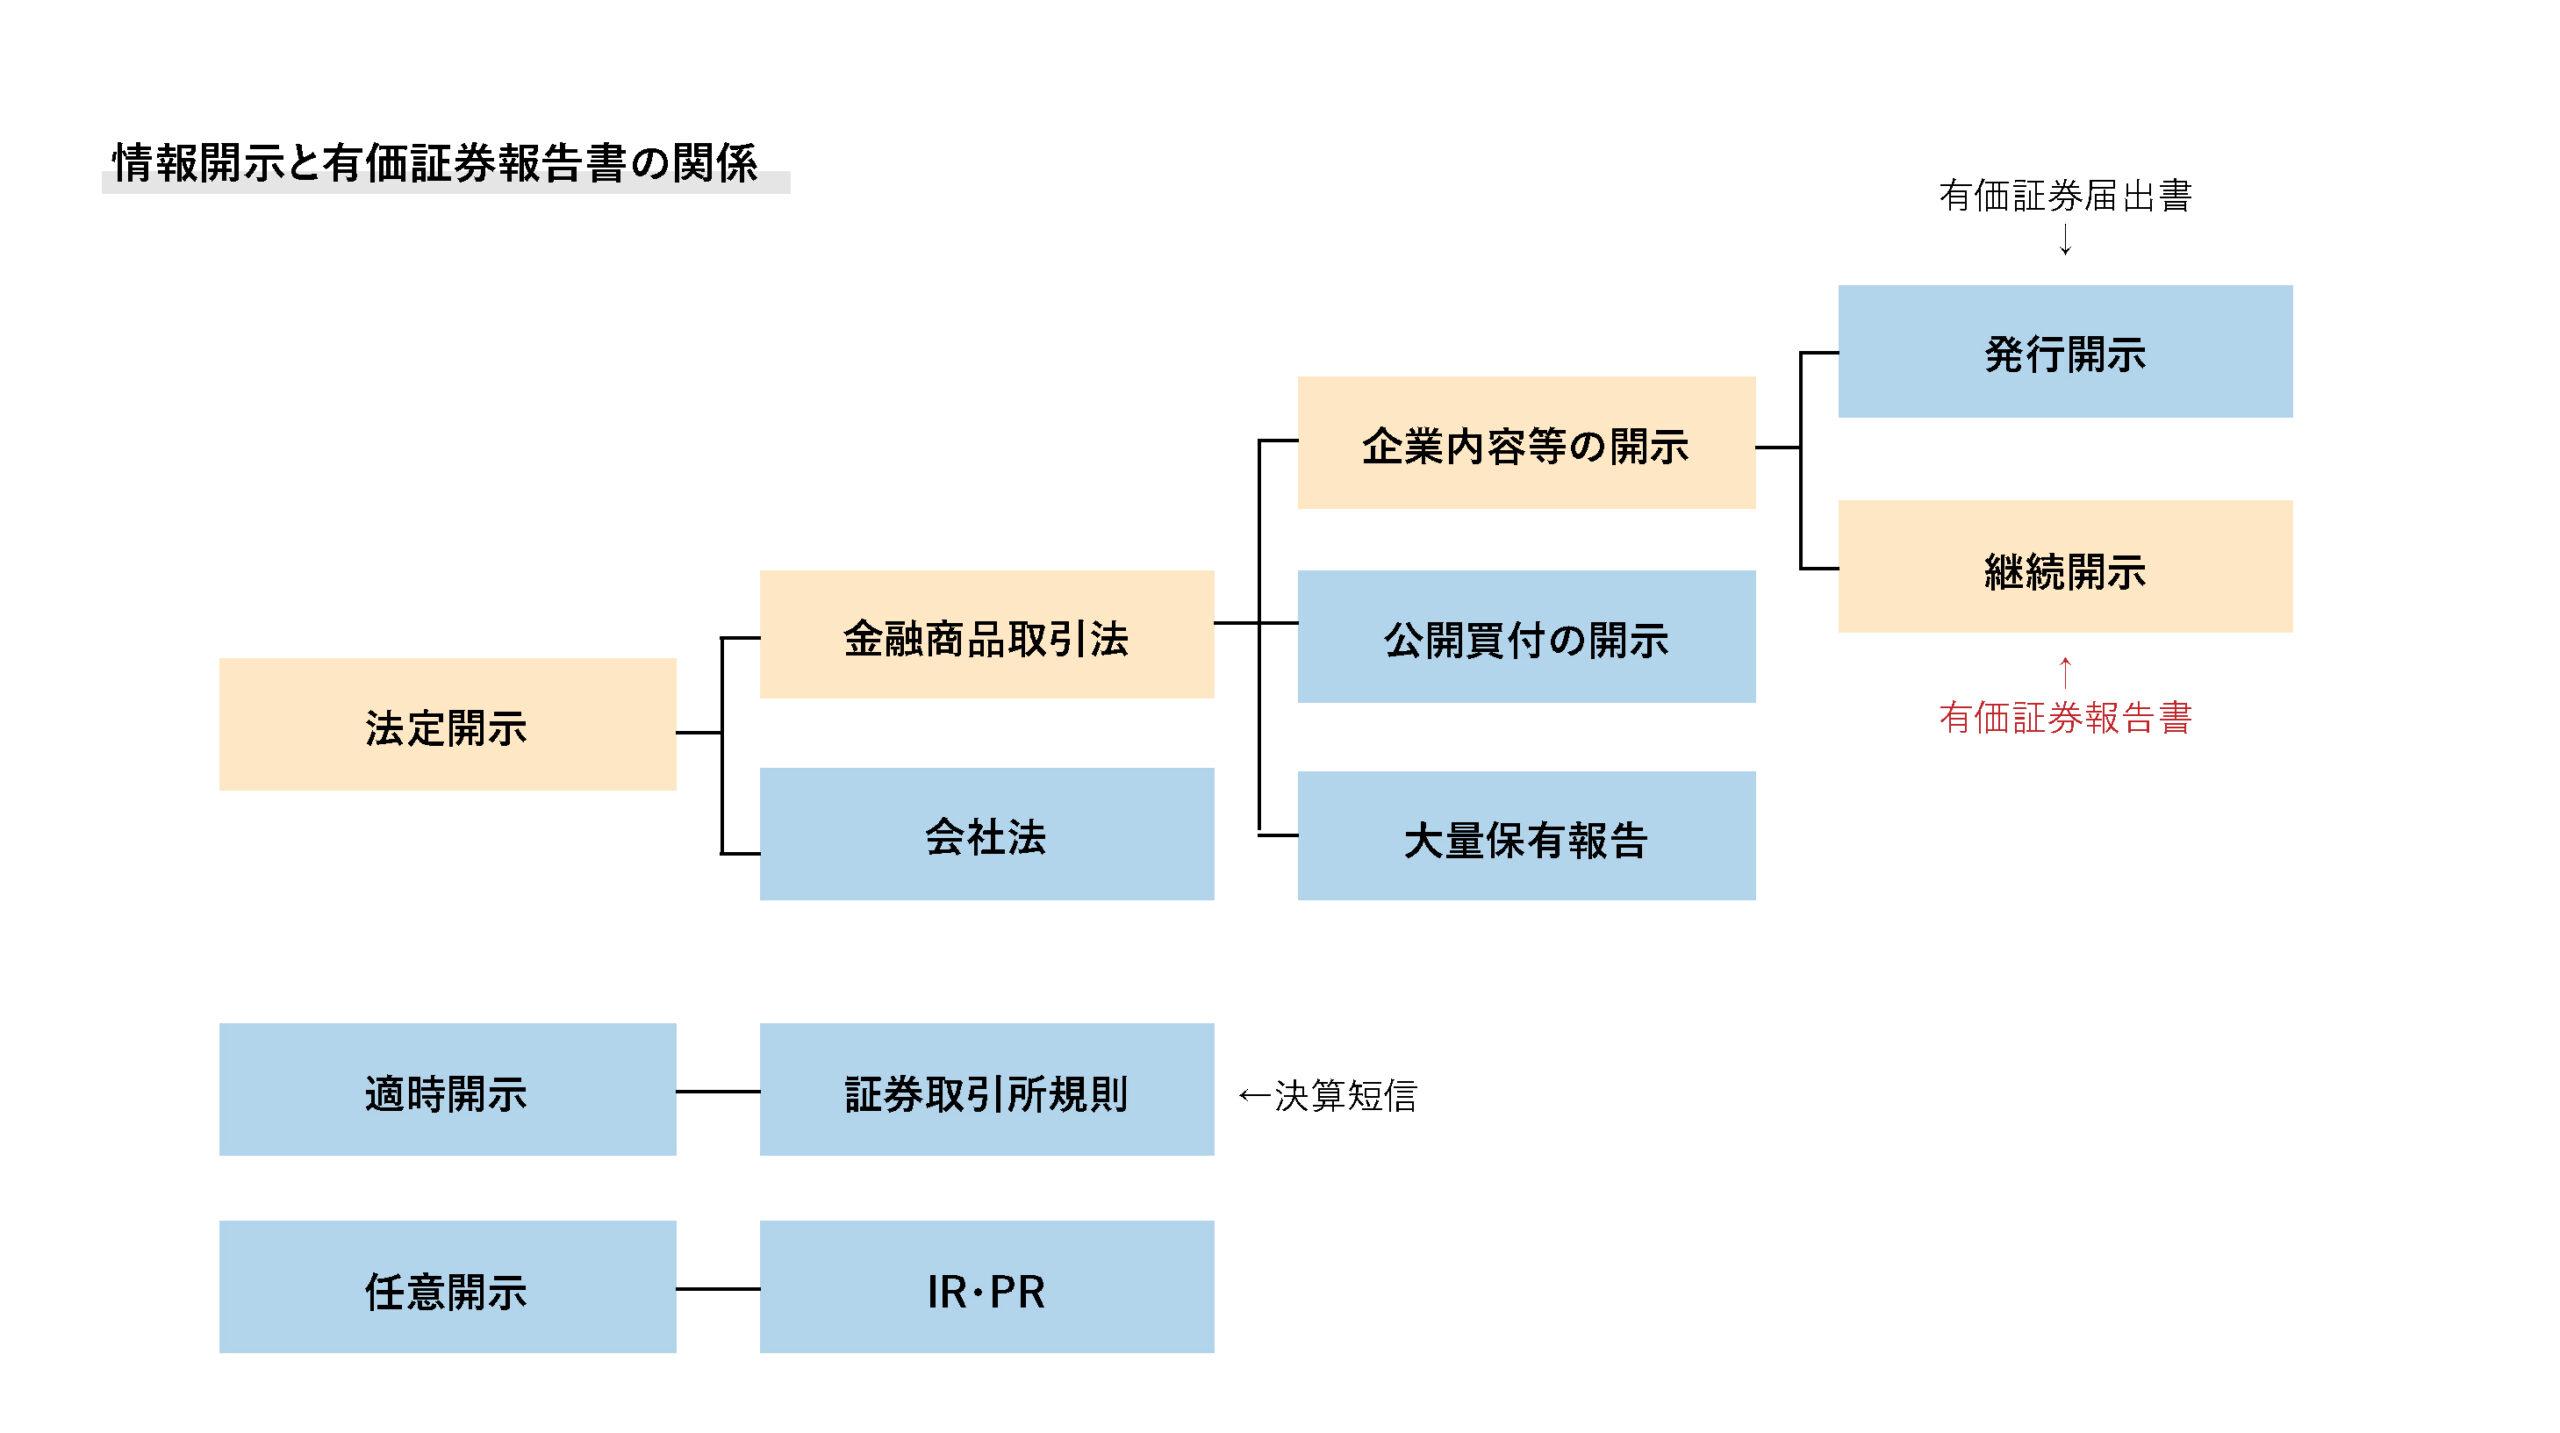 情報開示と有価証券報告書の関係のイメージ